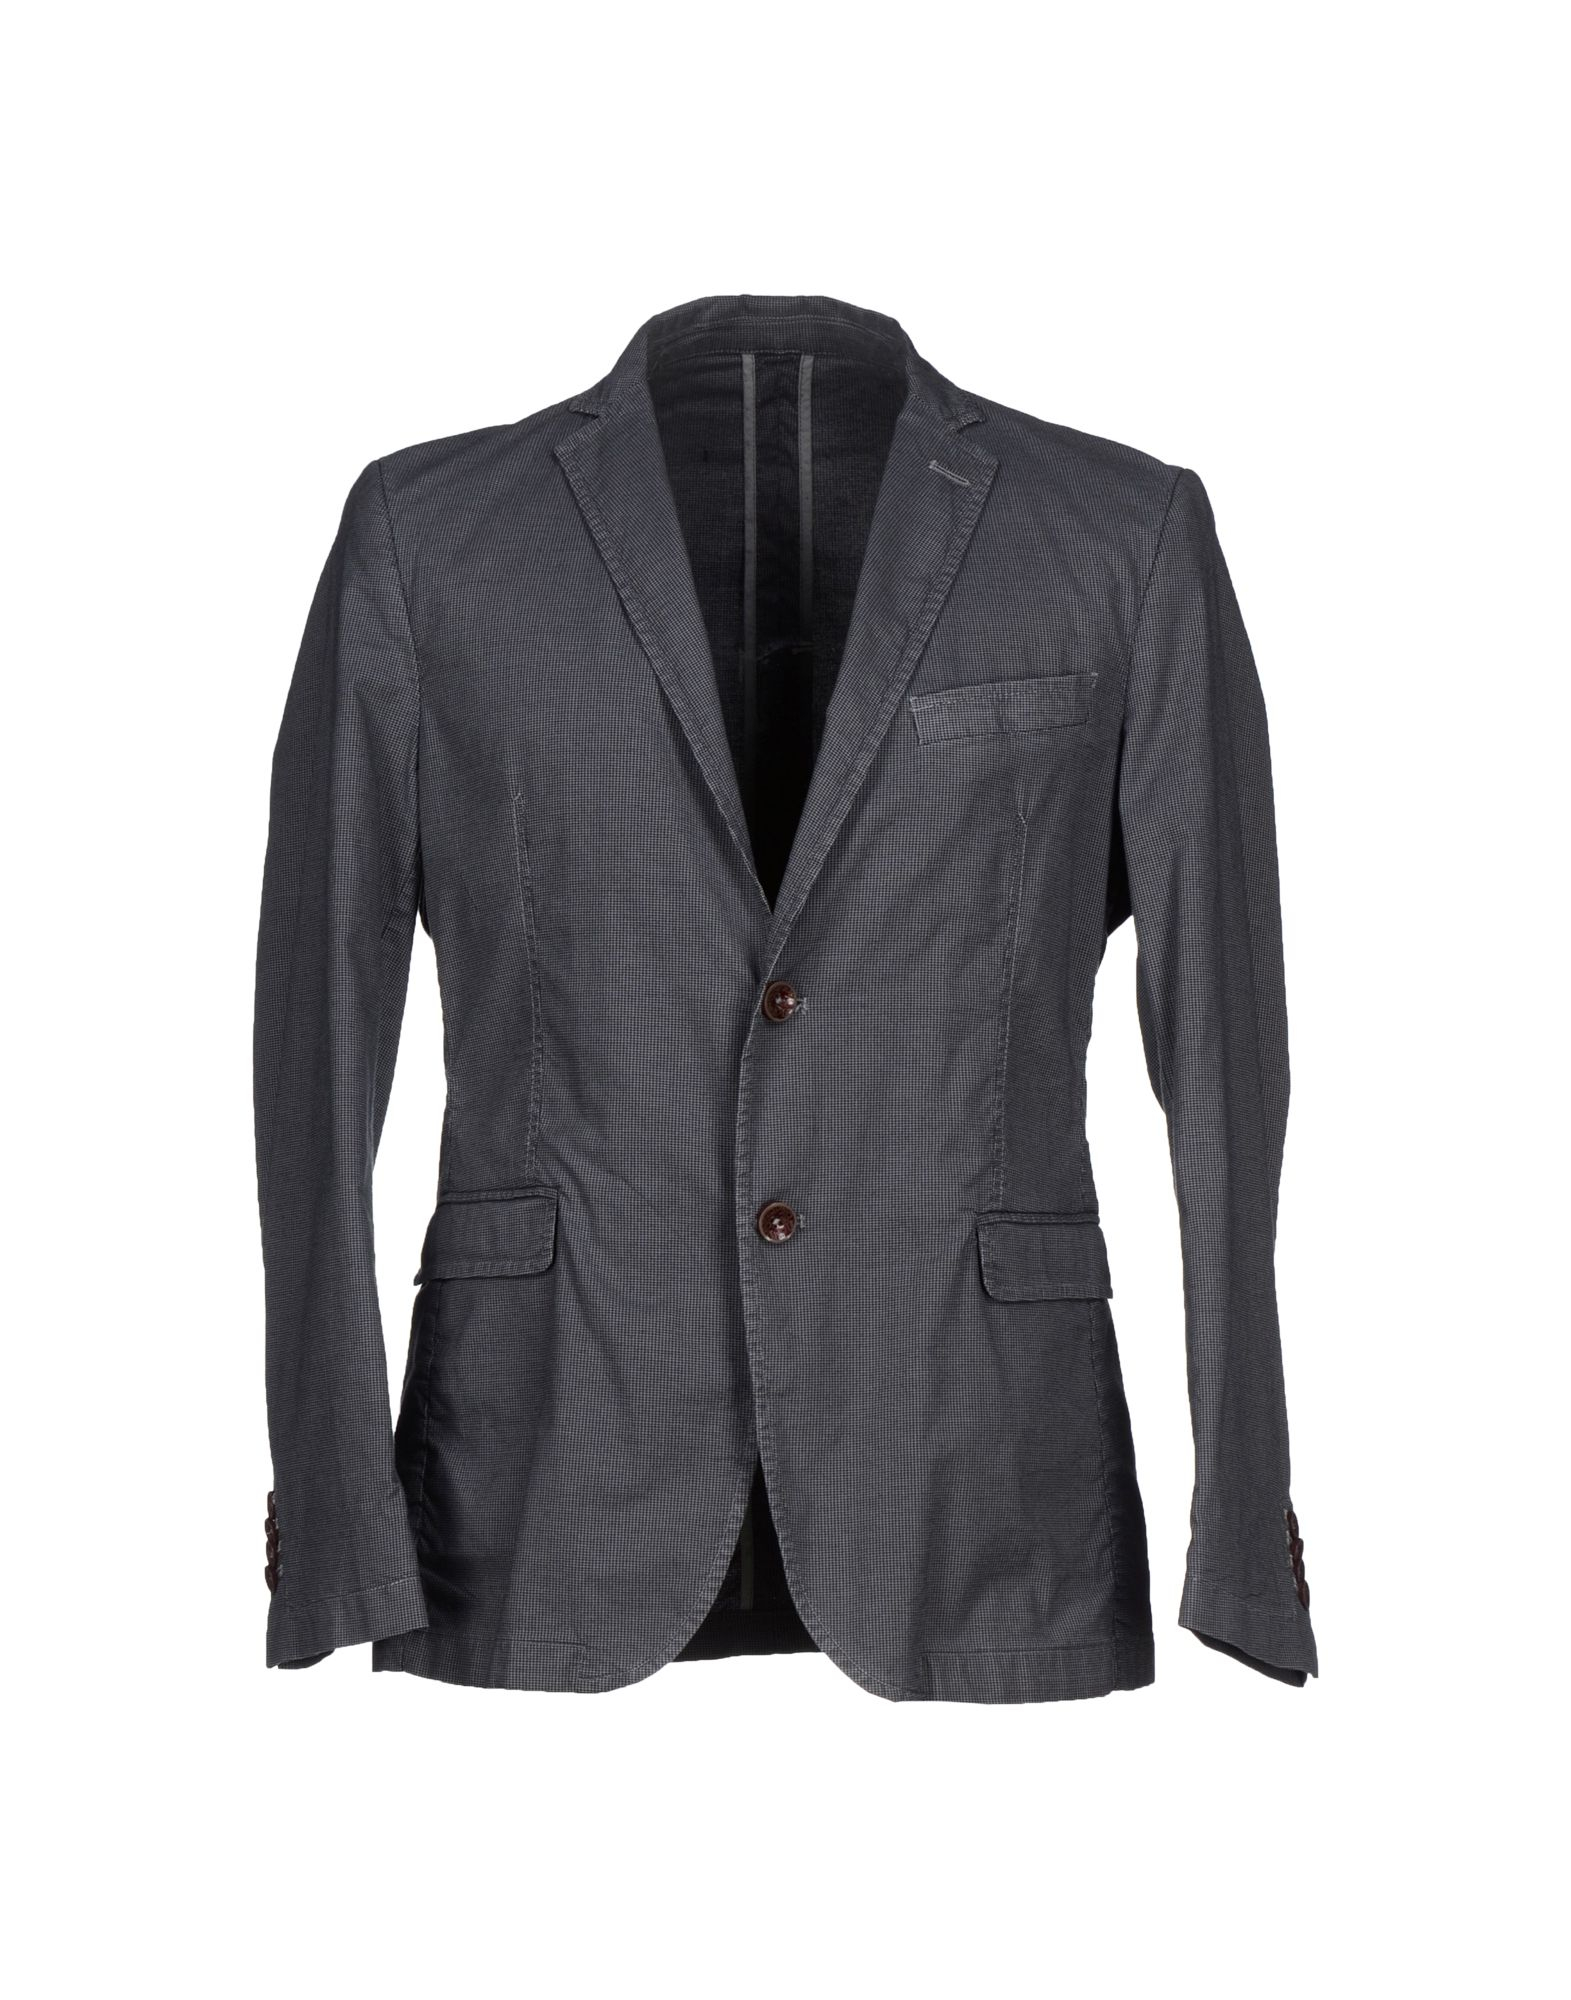 hispanic single men in saint jo Jaket,jackets,jakett,jackets for women,jackets for men.